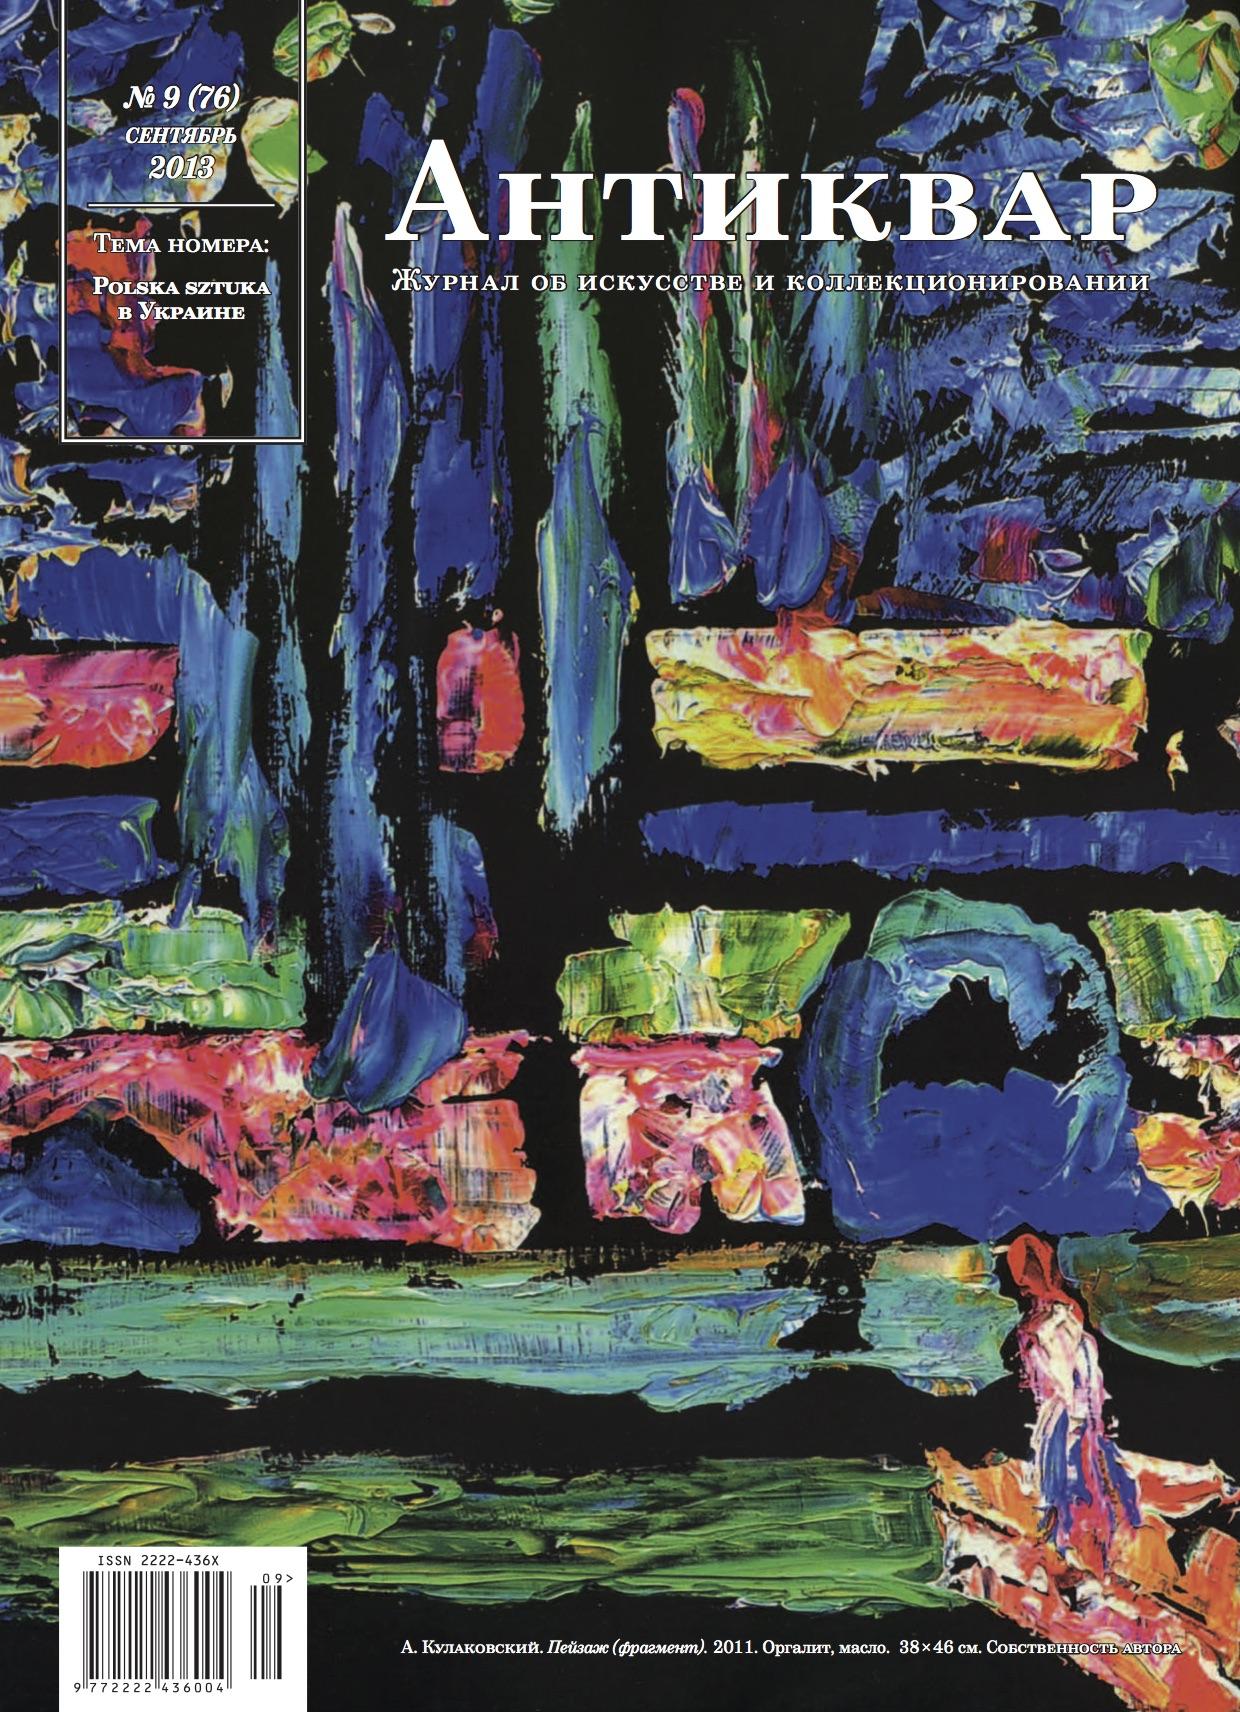 Журнал Антиквар #76: Polska sztuka в Украине